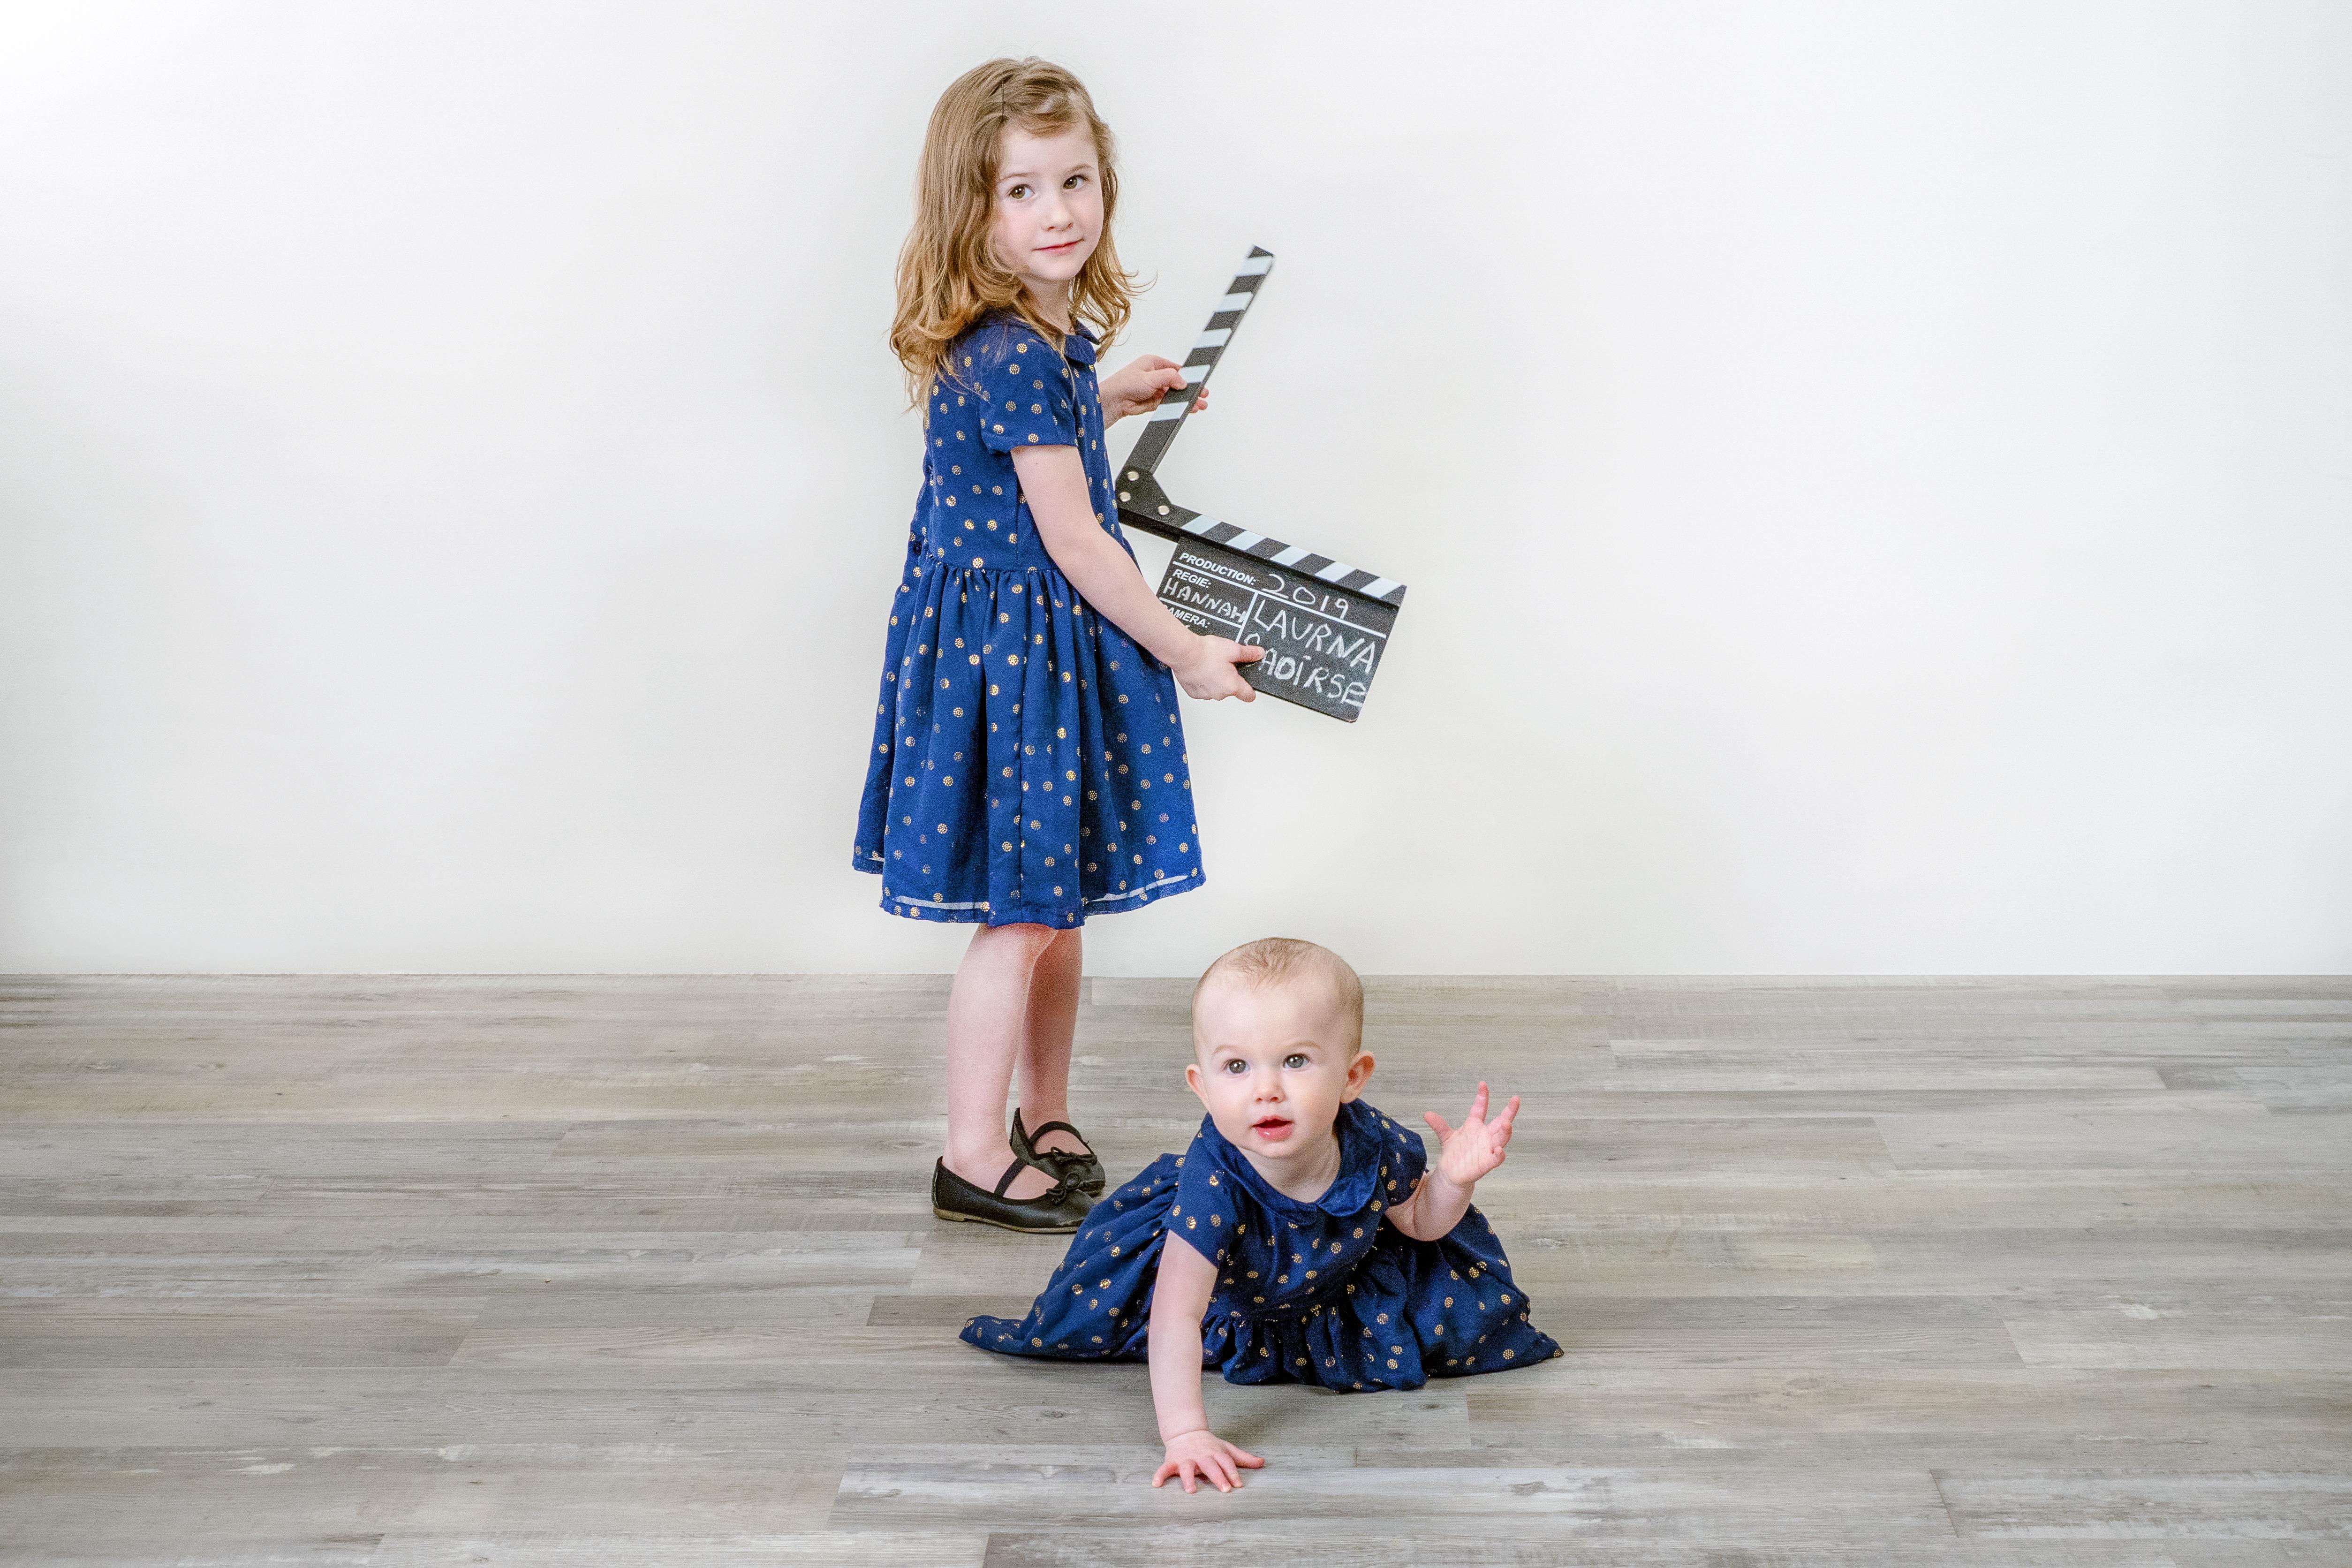 Budding Filmmakers